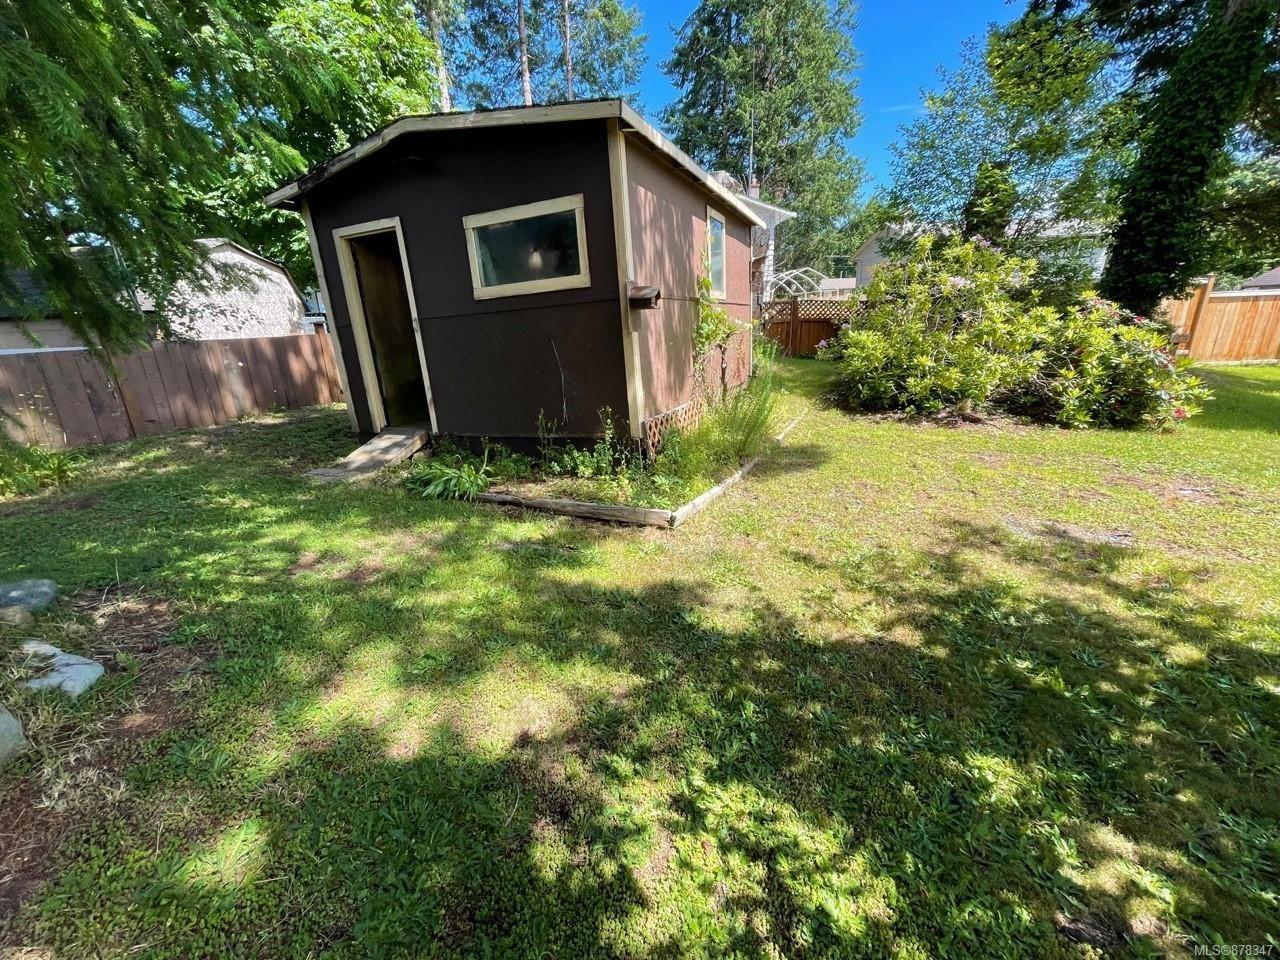 Photo 19: Photos: 334 Texada Pl in : CV Comox (Town of) House for sale (Comox Valley)  : MLS®# 878347